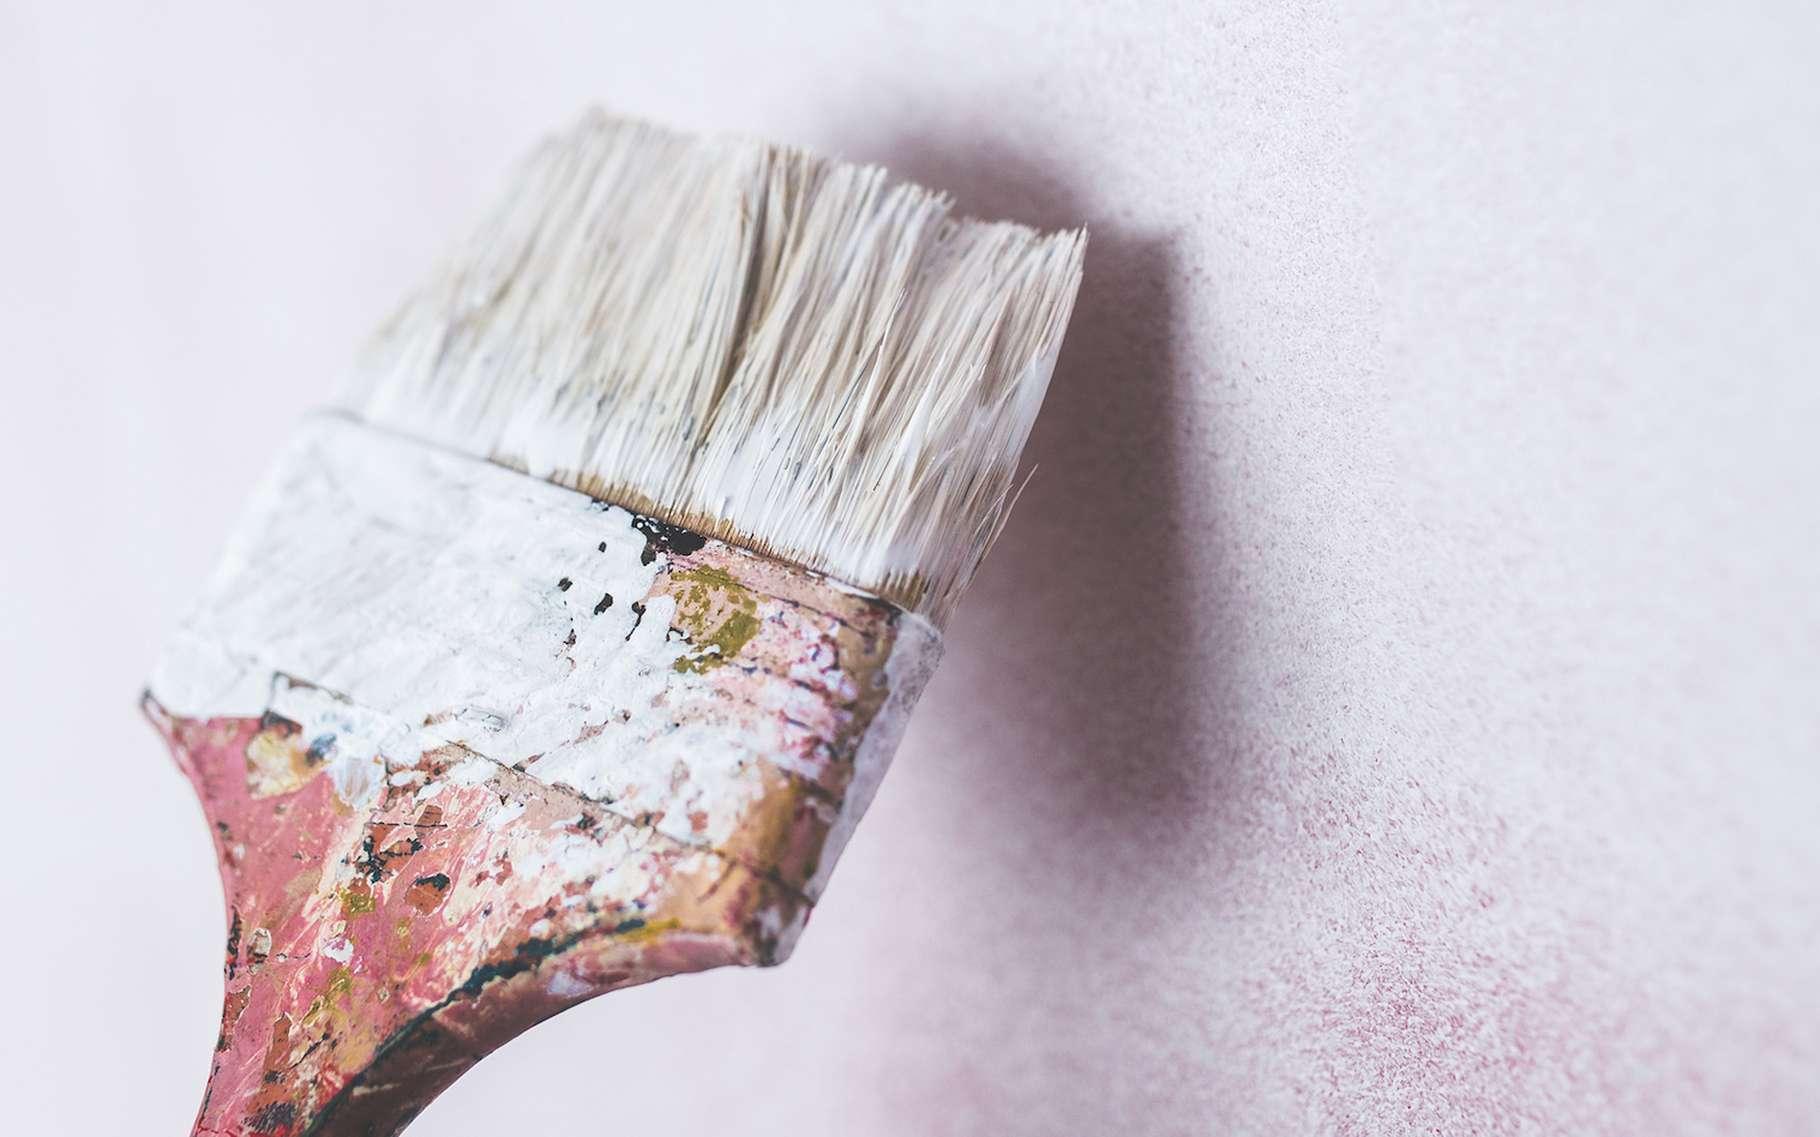 Des chercheurs annoncent avoir mis au point une peinture thermoélectrique capable de convertir la chaleur perdue des murs de nos maisons en électricité. © Campus France, Flickr, Domaine public